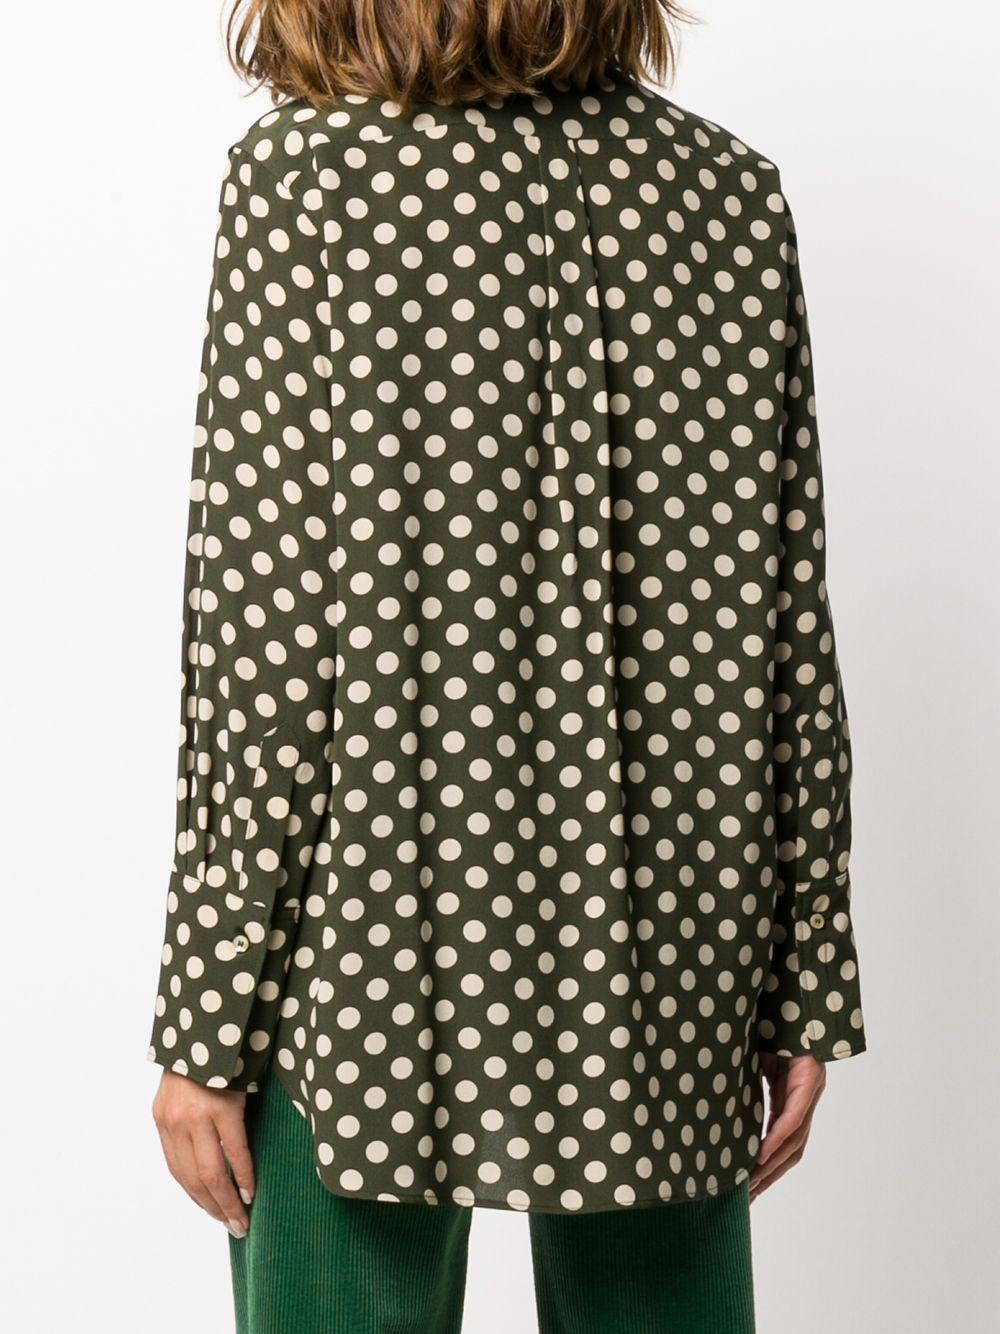 Camicia in seta verde kaki con colletto alla coreana, ALBERTO ASPESI | Camicie | 5402-A32355237